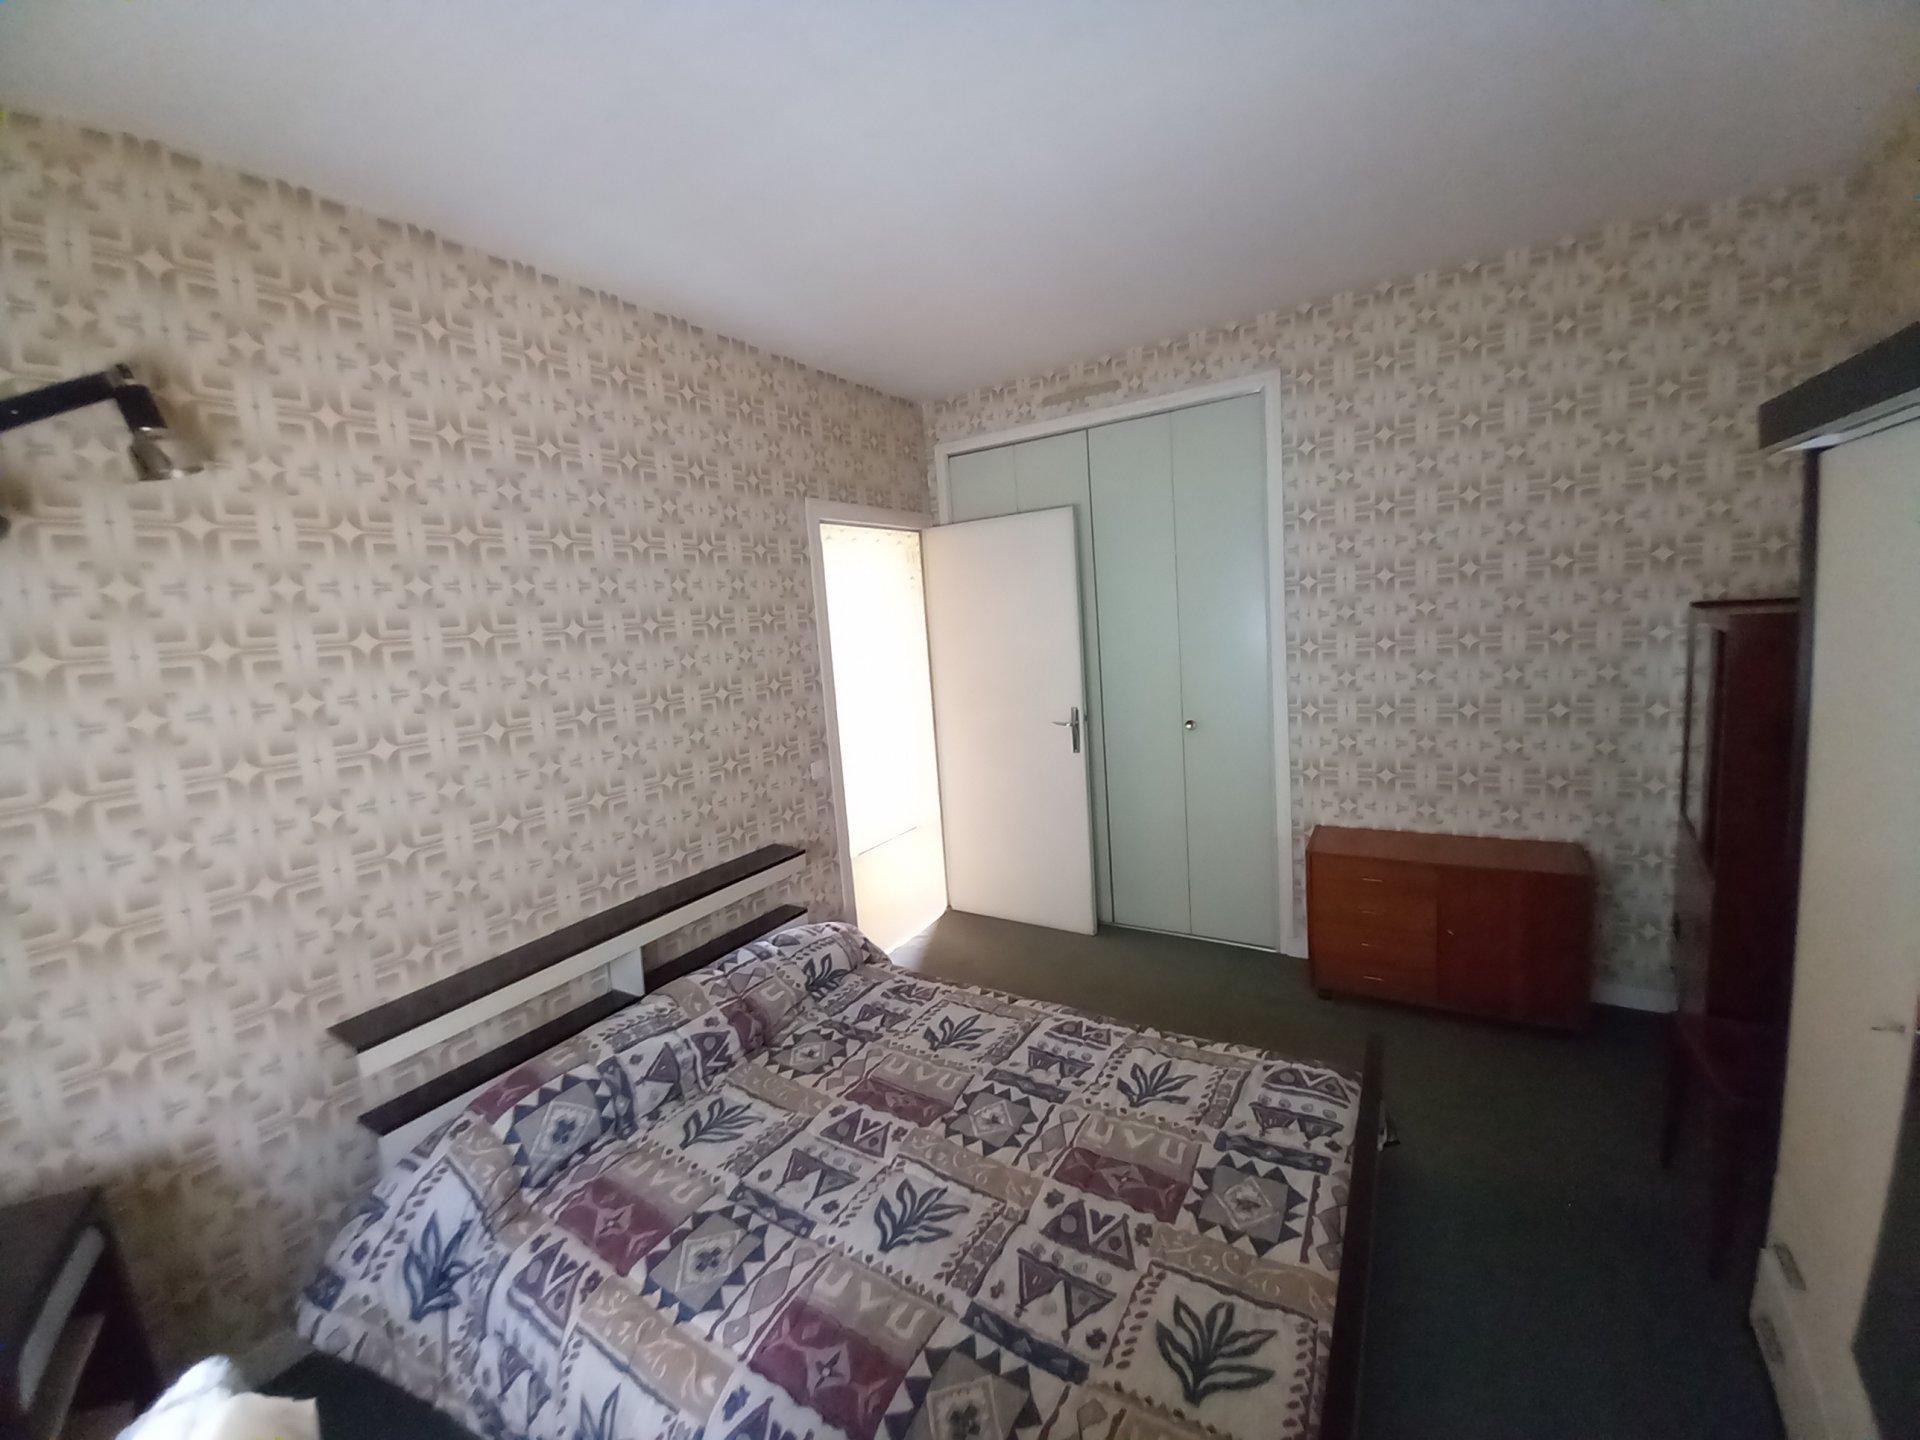 SAINT-ETIENNE, VILLEBOEUF, MAISON 180 m²